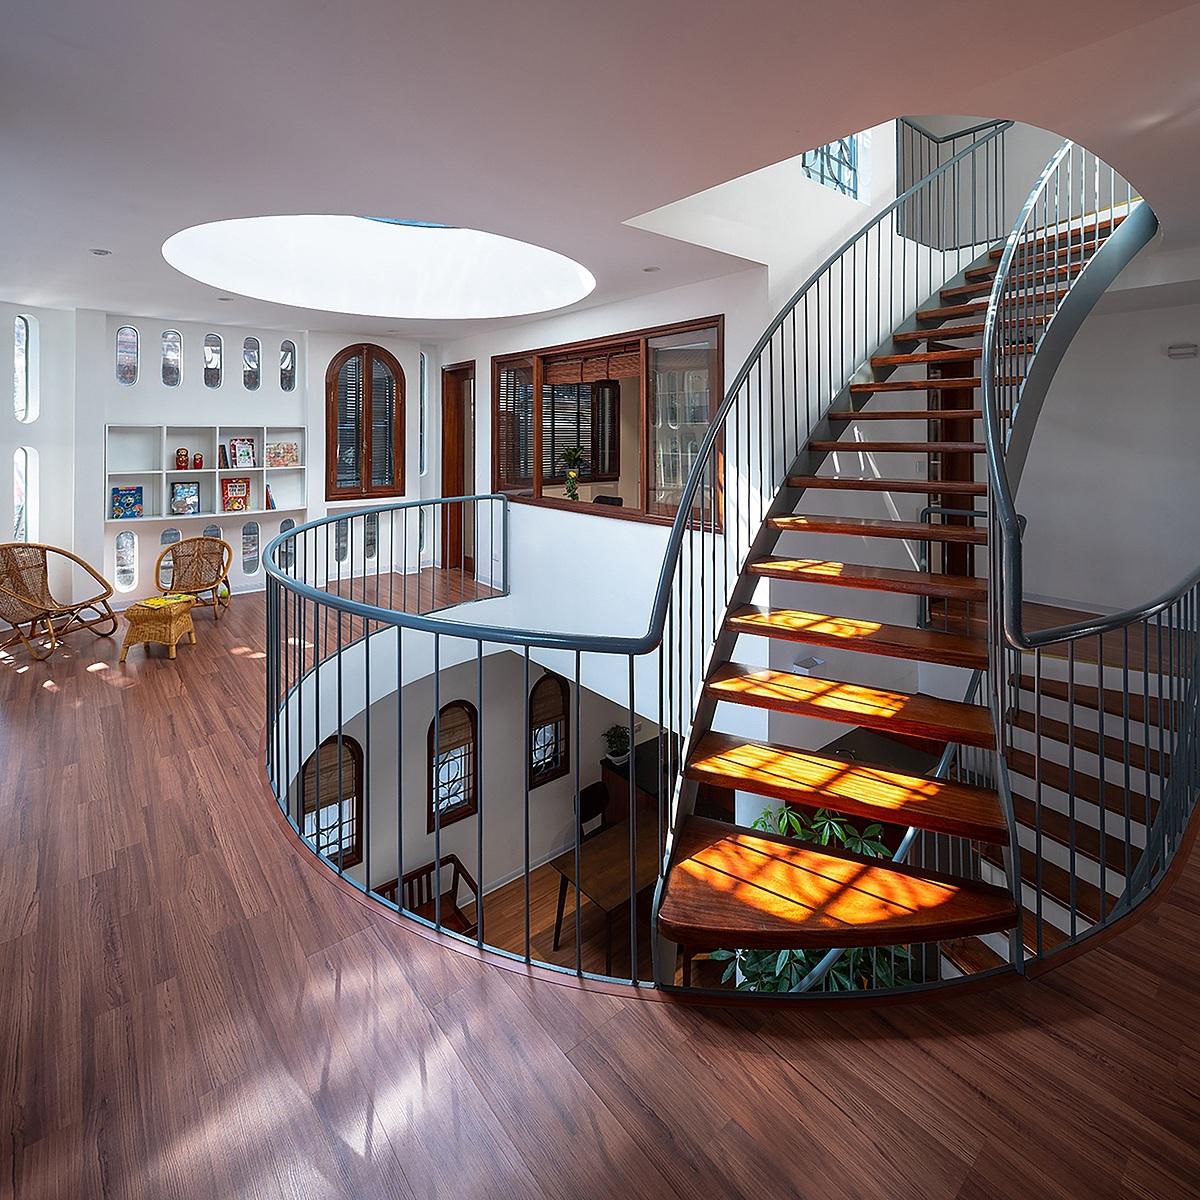 Tầng hai được thiết kế để các thành viên gia đình có thể đi vòng quanh khoảng thông tầng. Ảnh: Hiroyuki Oki.